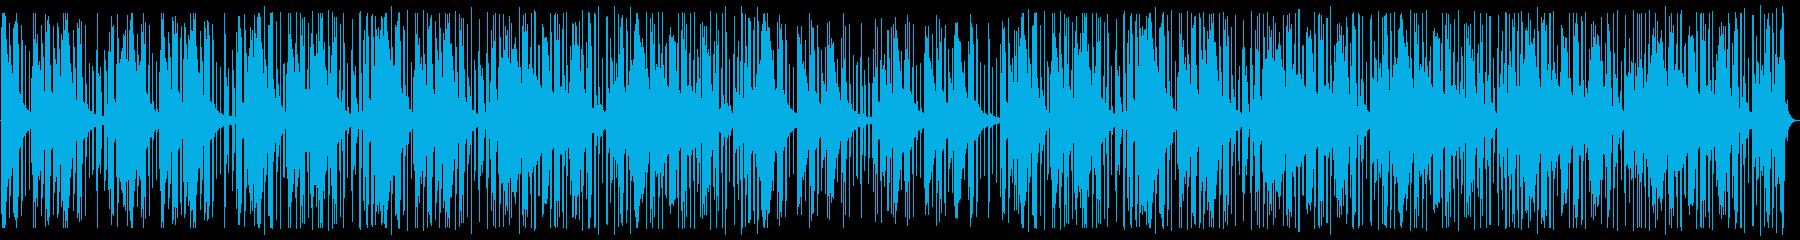 落ち着き/R&B_No508の再生済みの波形